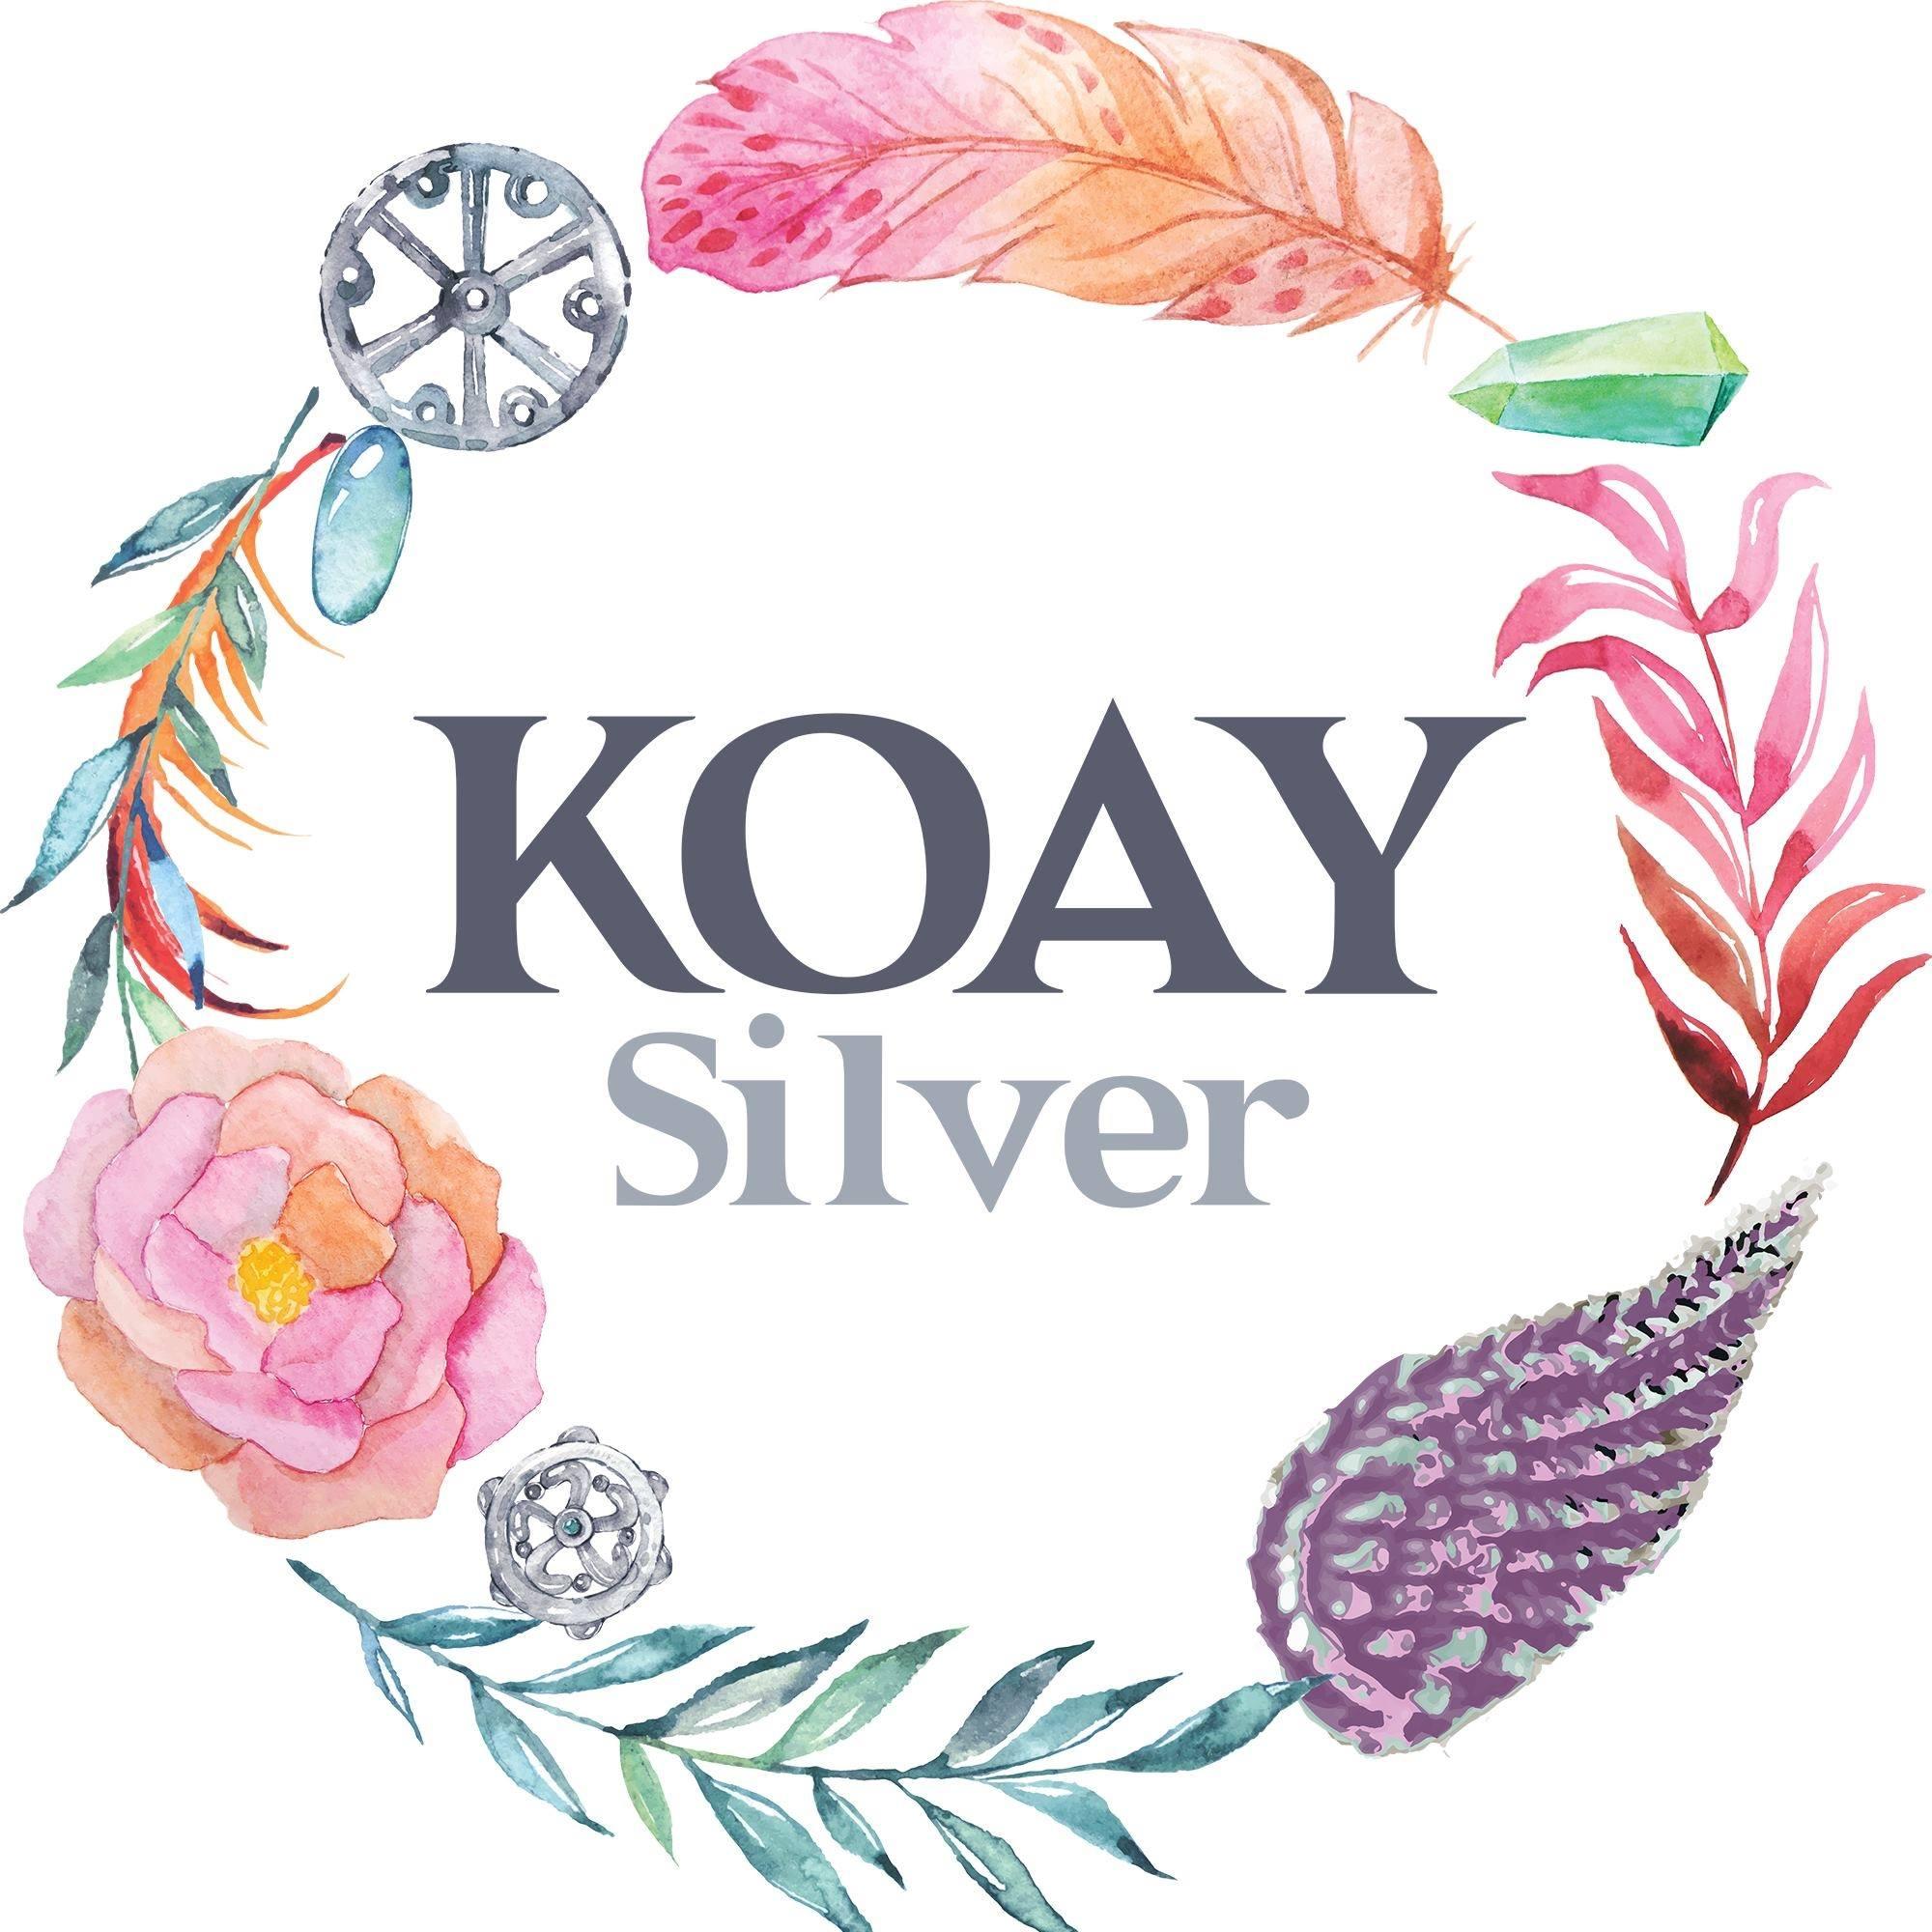 كواي سيلفر ستور Koay Silver Store